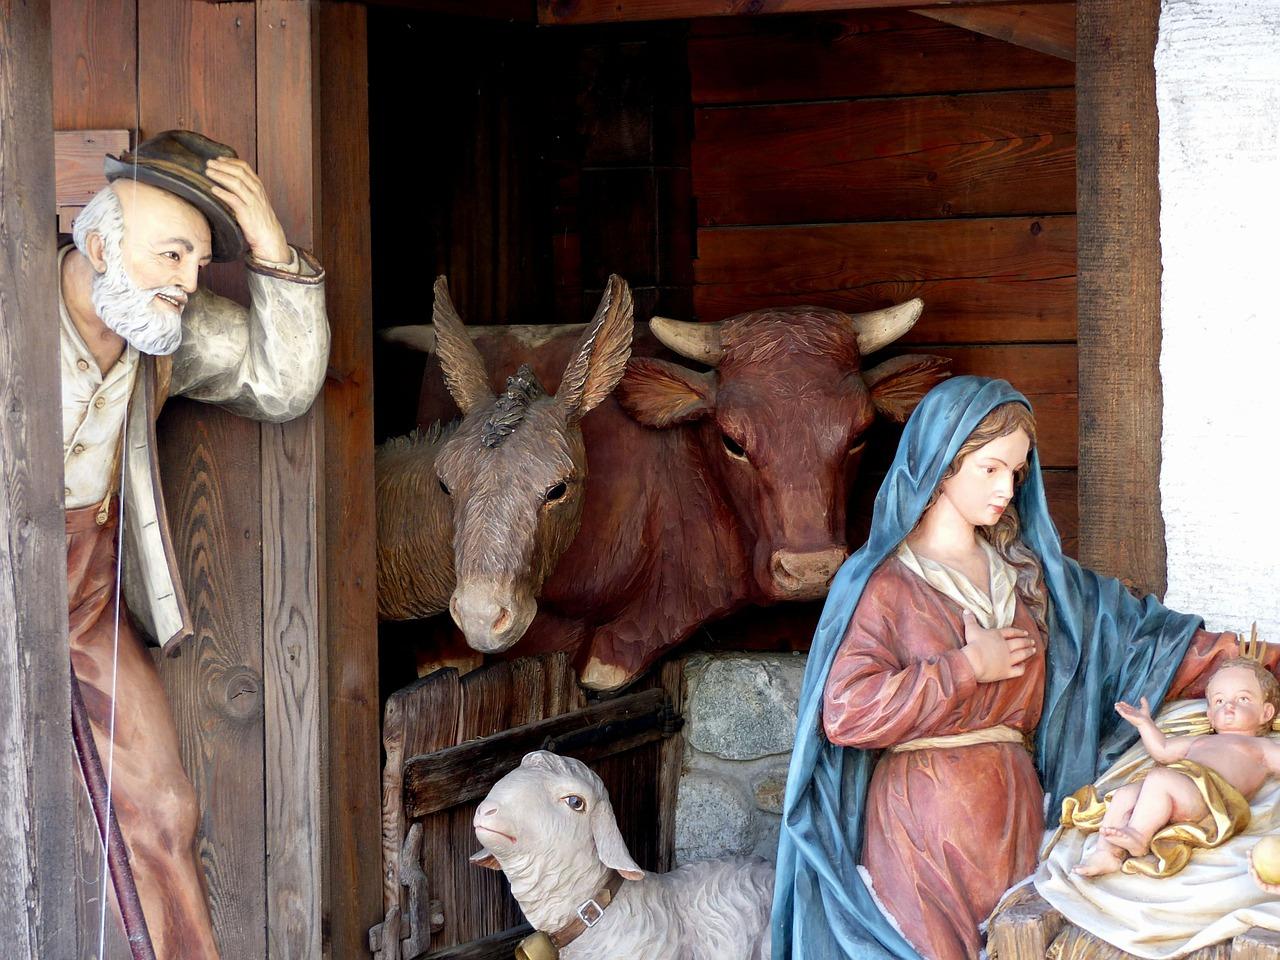 Imagen que recrea la visita de pastores al niño Jesús